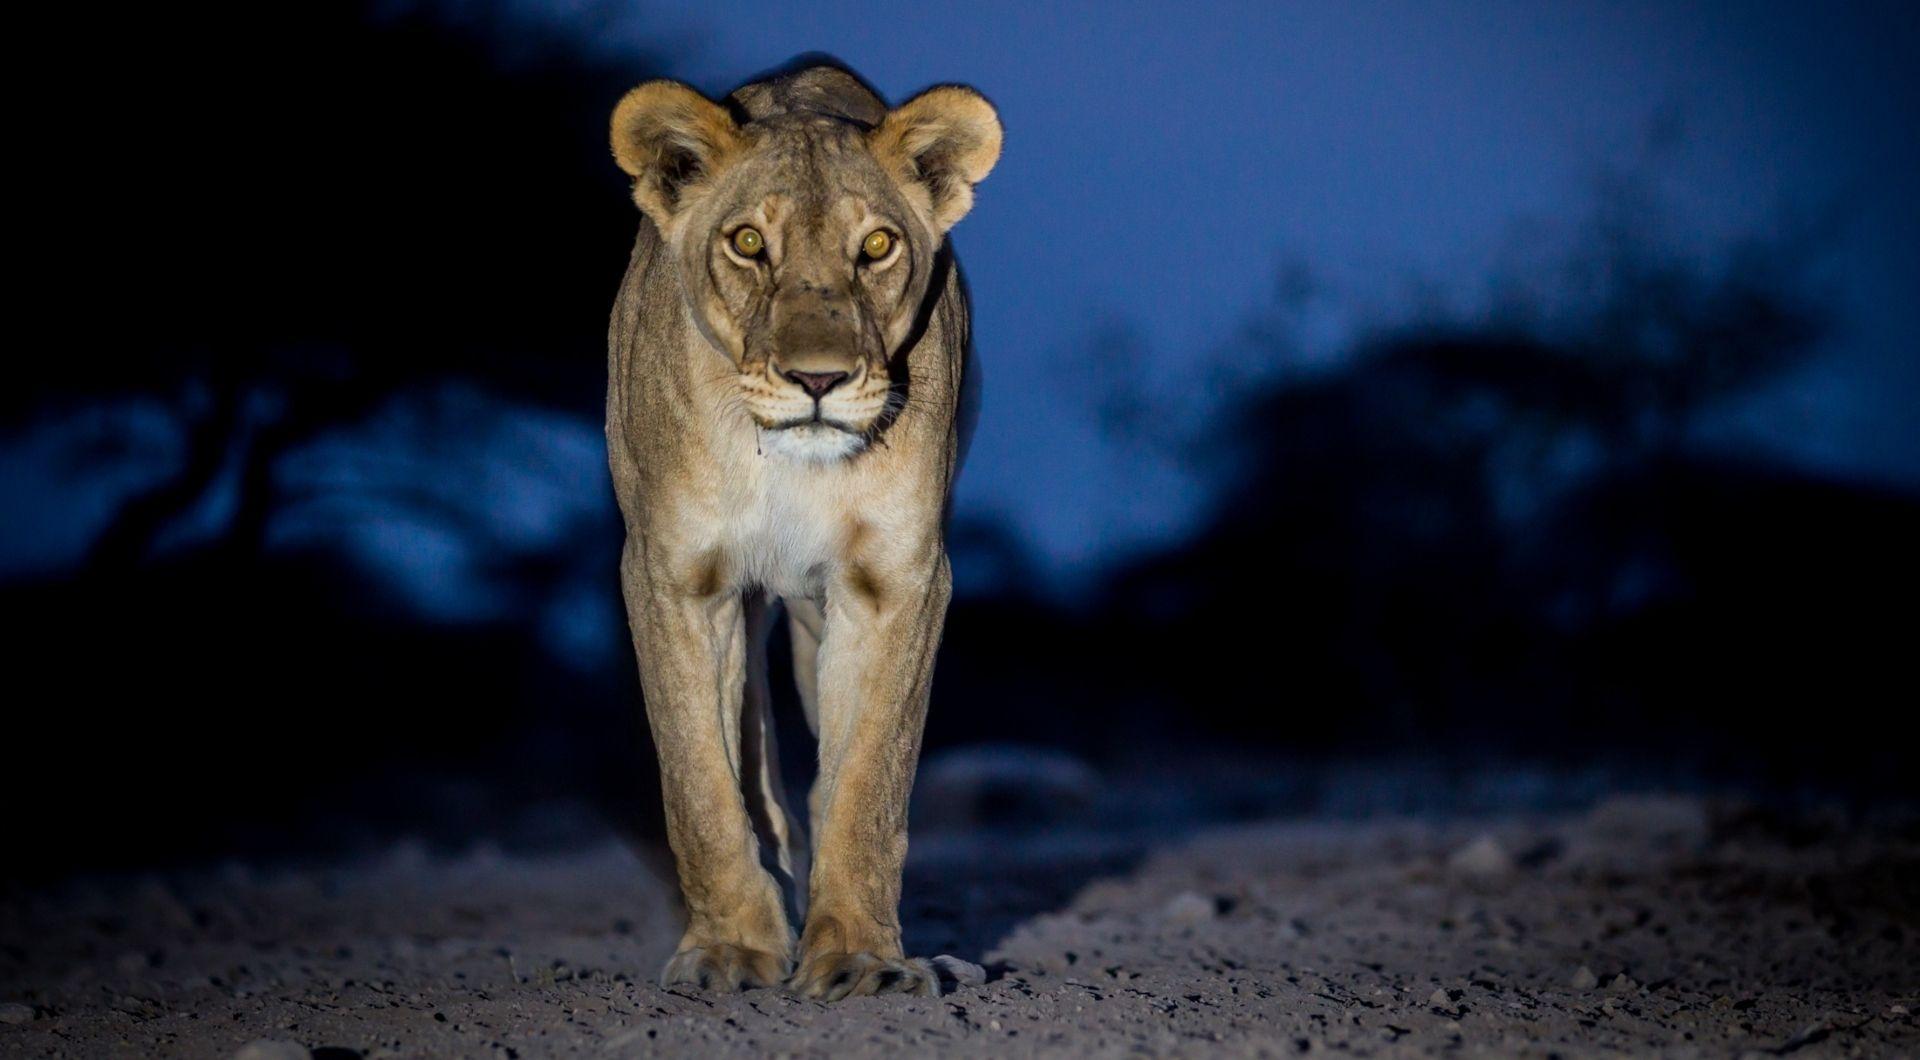 Inquisitive lion